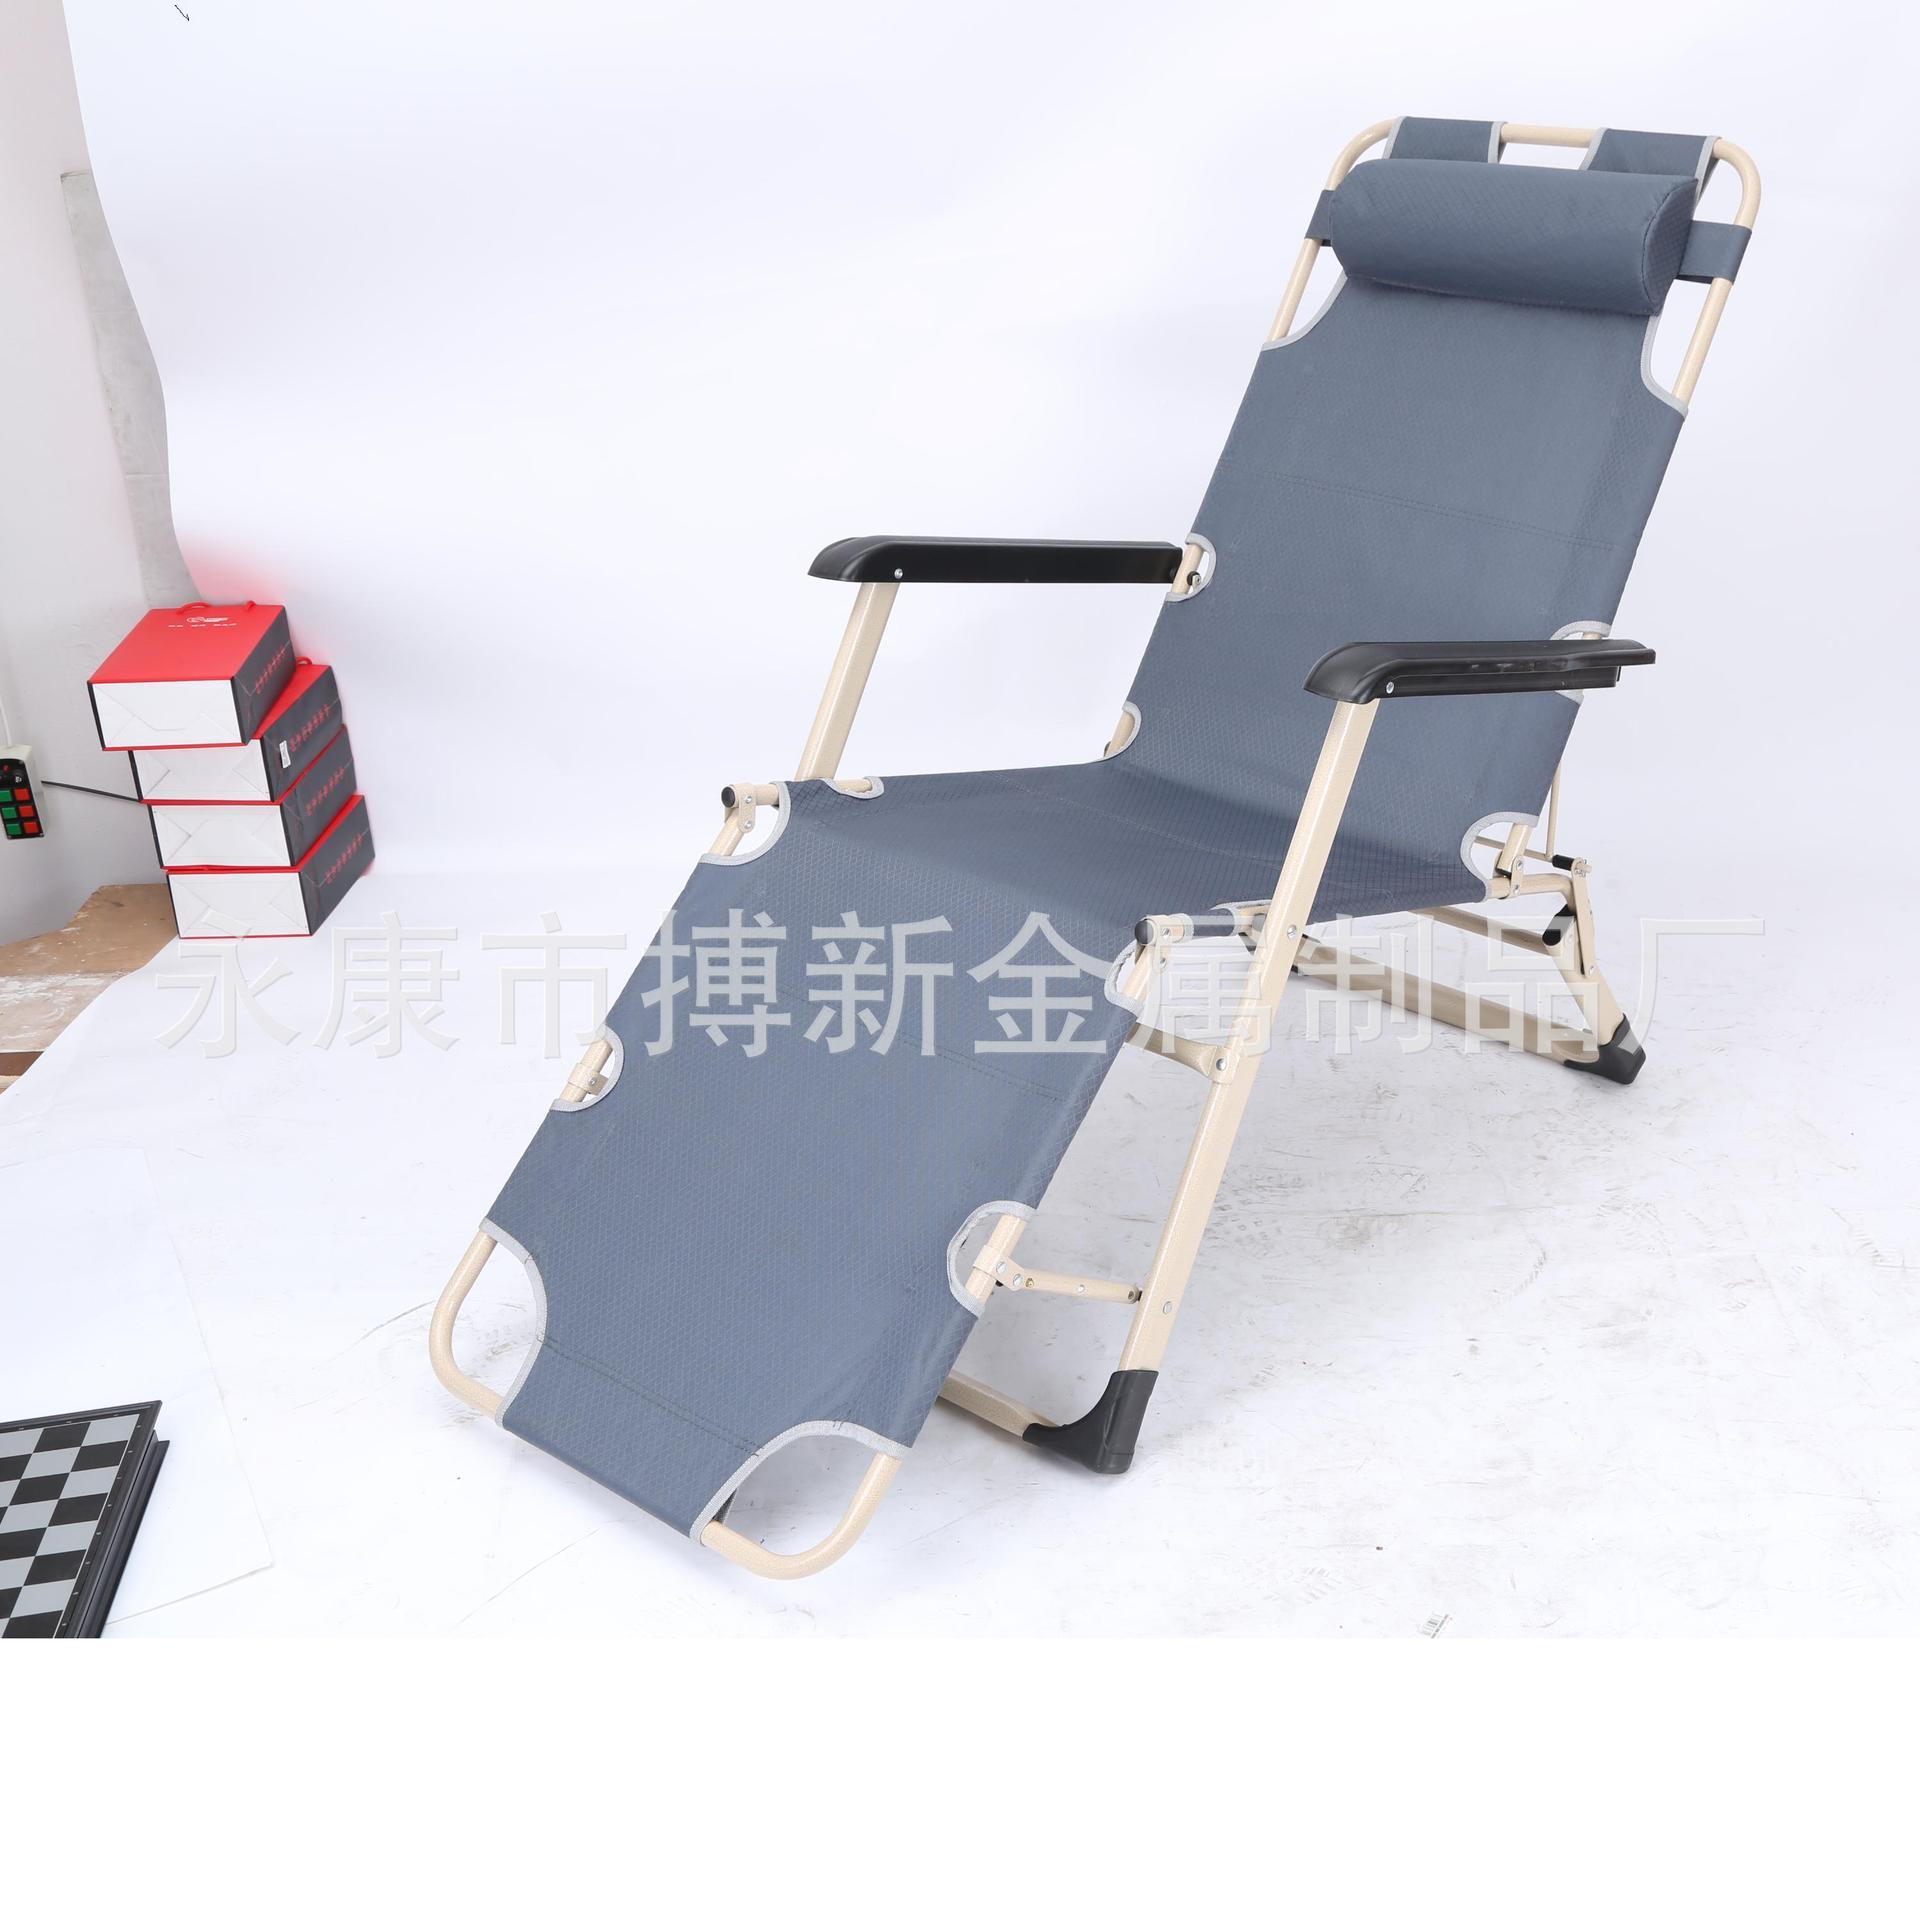 厂家直销户外休闲沙滩椅 办公室多功能午休椅 便携式折叠躺椅批发